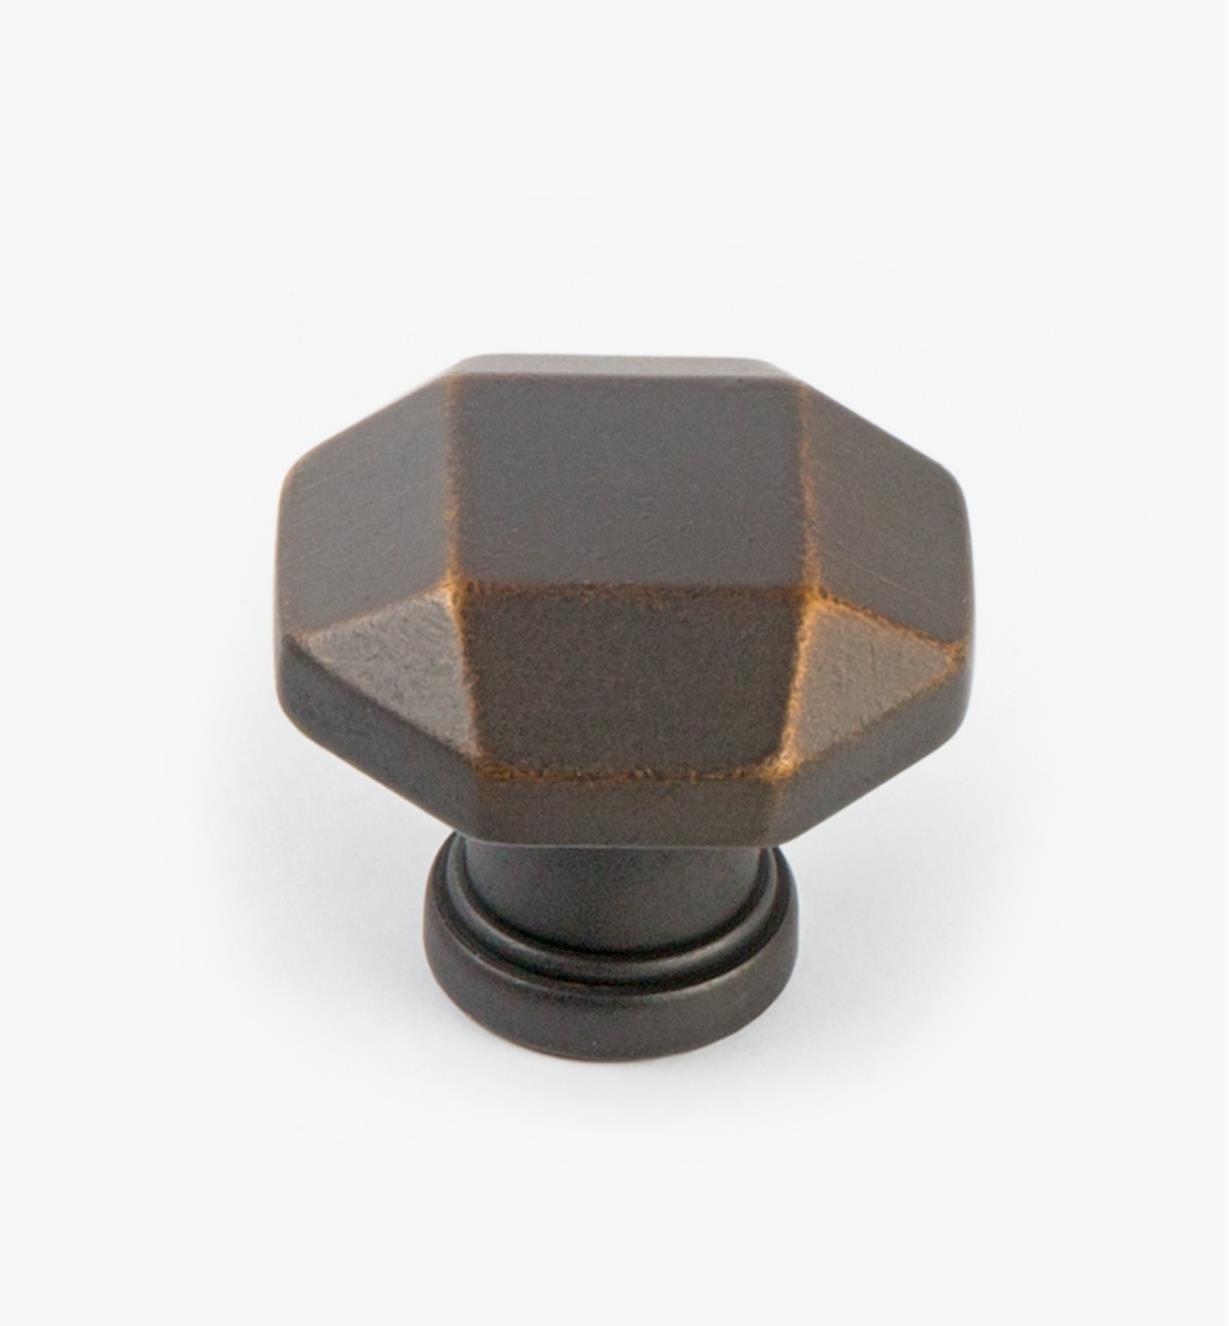 02A5271 - Bouton à facettes Menlo Park, bronzeantique, 11/4po